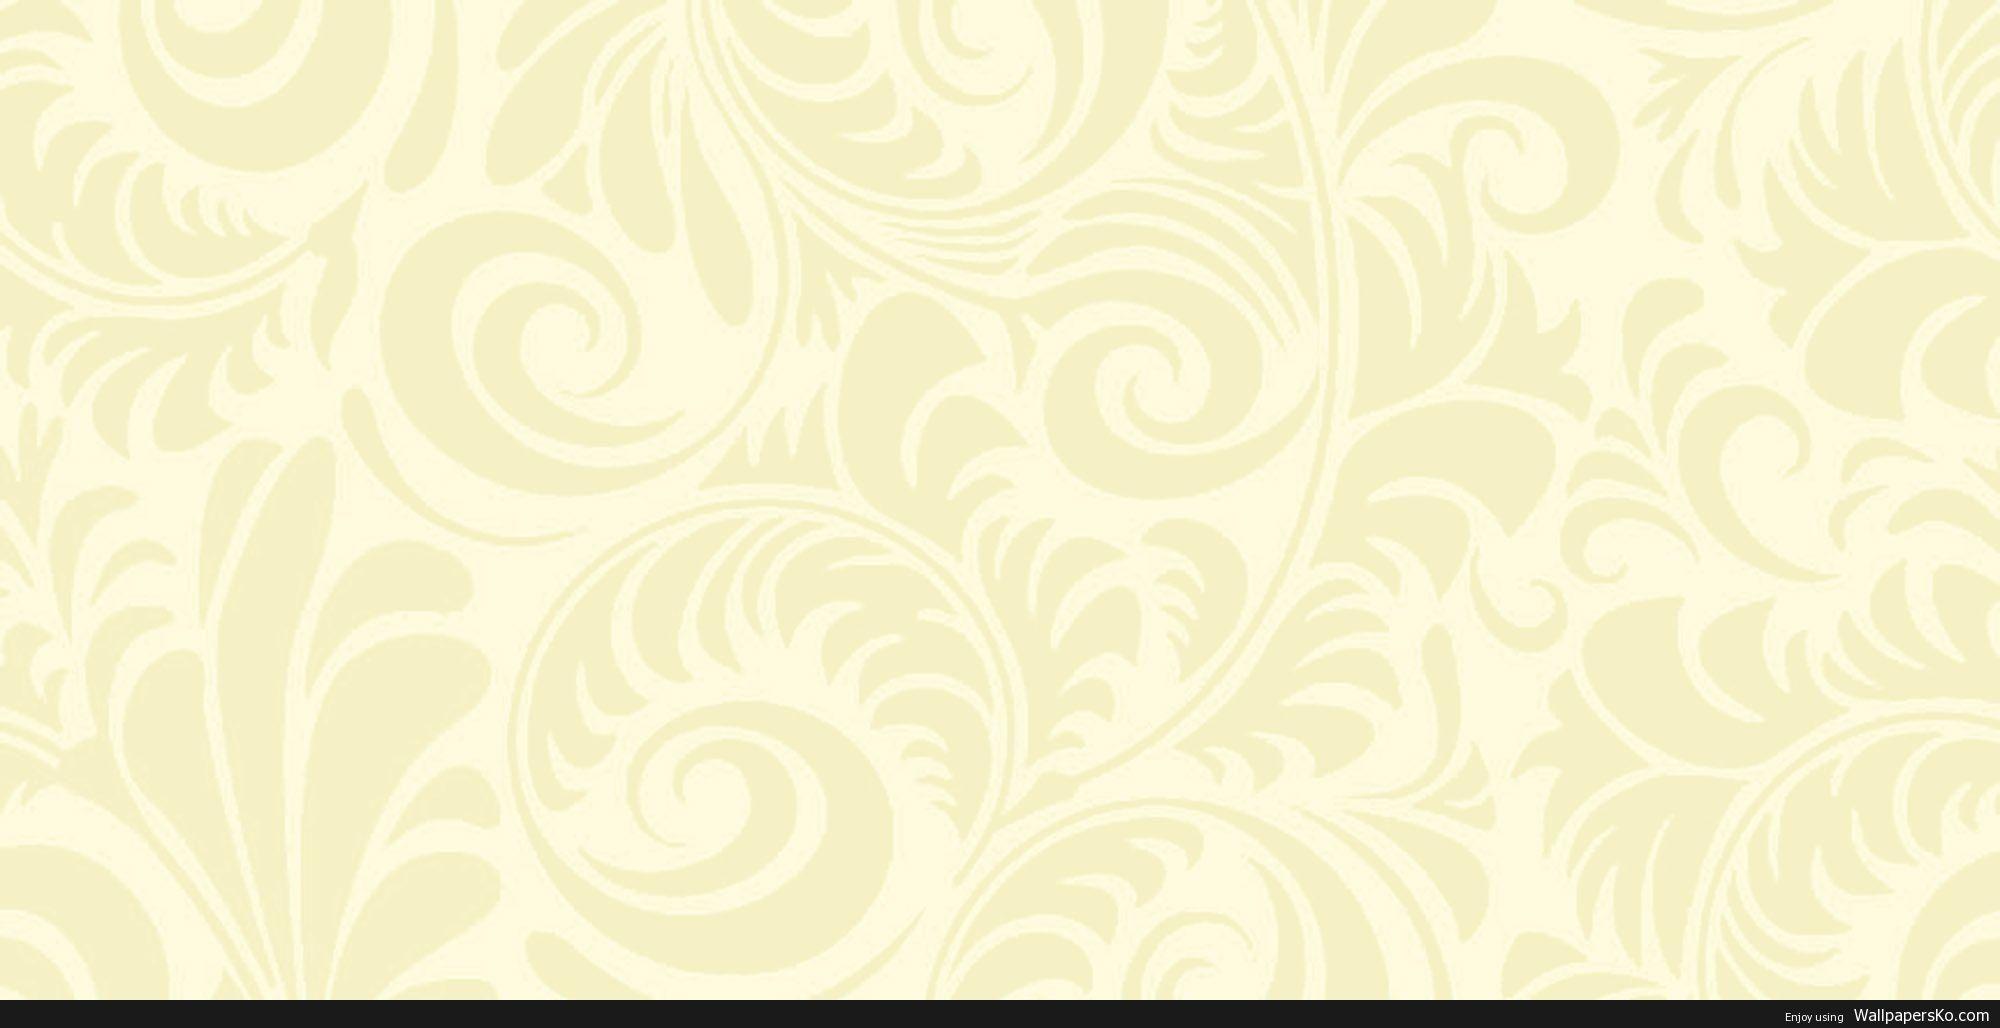 Cream Color Background Http Wallpapersko Com Cream Color